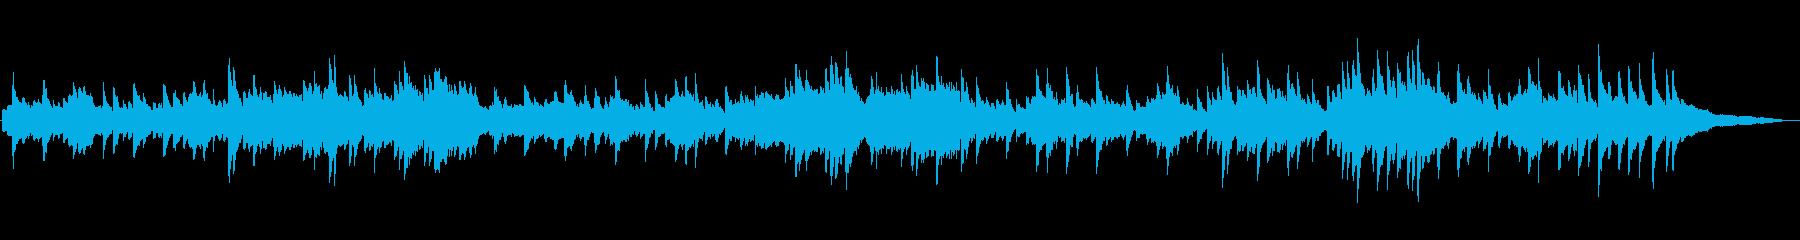 フルートとピアノの ほのぼのとしたワルツの再生済みの波形